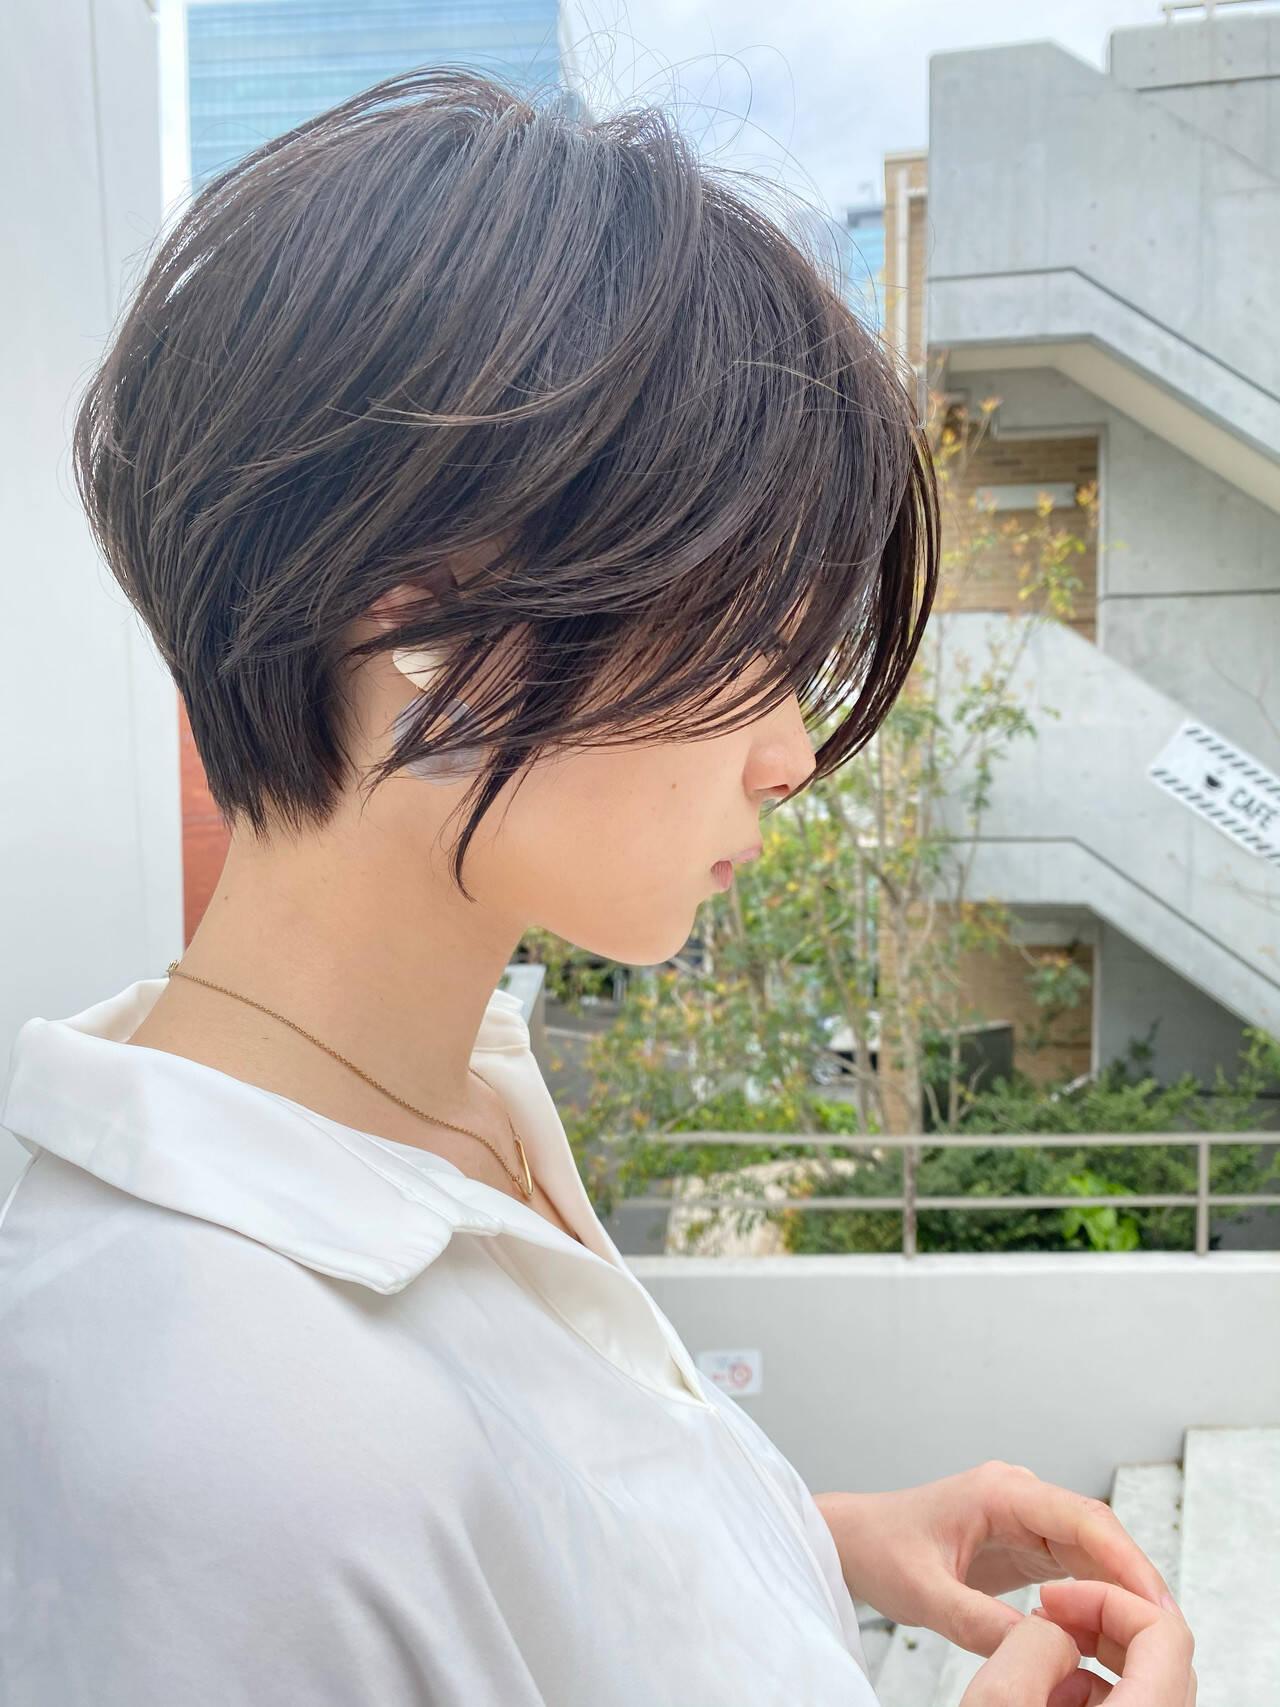 ショートヘア マッシュショート ナチュラル ショートボブヘアスタイルや髪型の写真・画像